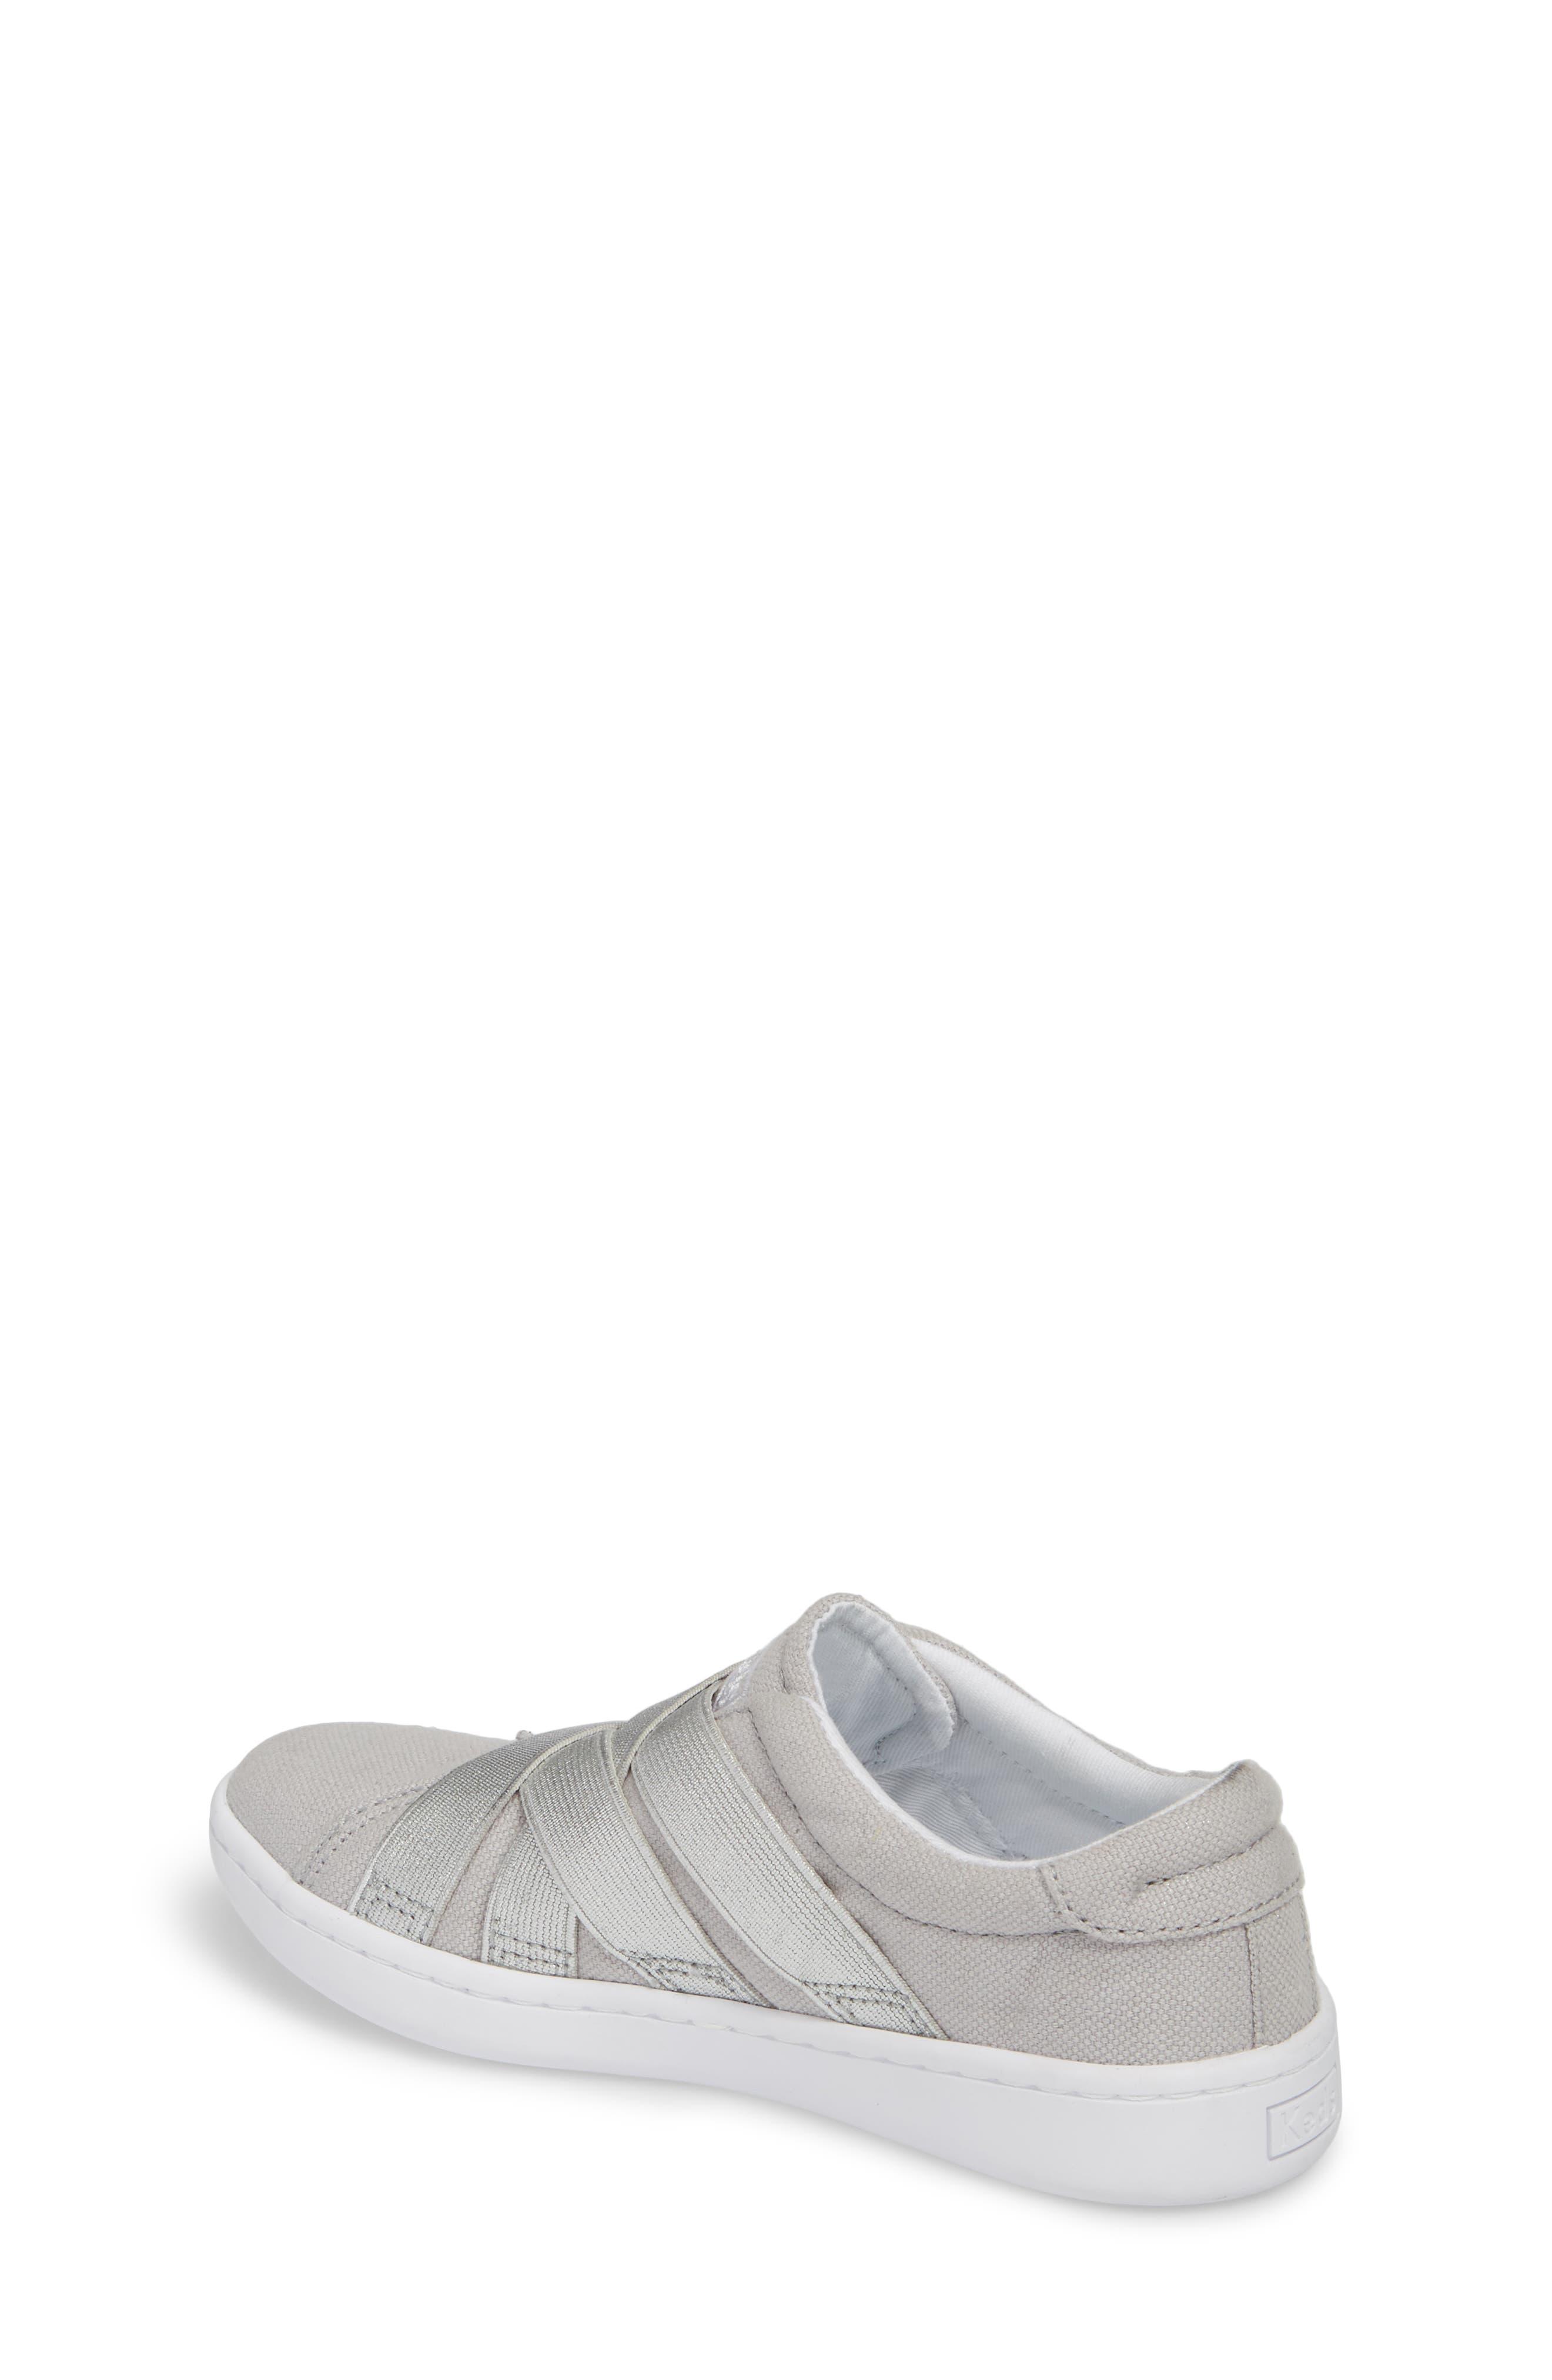 Ace Slip-on Sneaker,                             Alternate thumbnail 2, color,